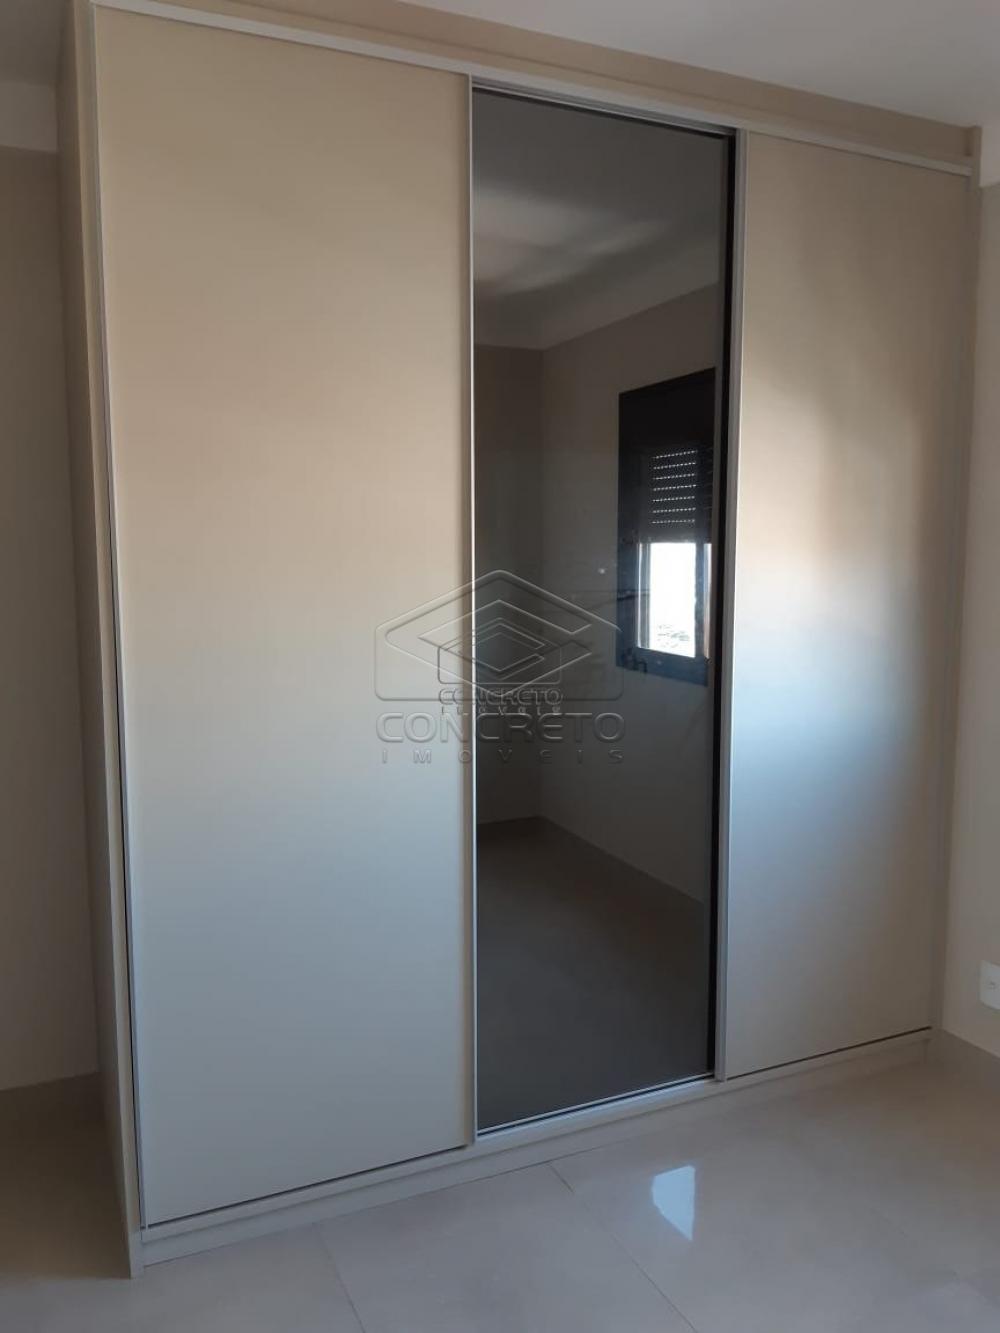 Alugar Apartamento / Padrão em Bauru apenas R$ 2.900,00 - Foto 1